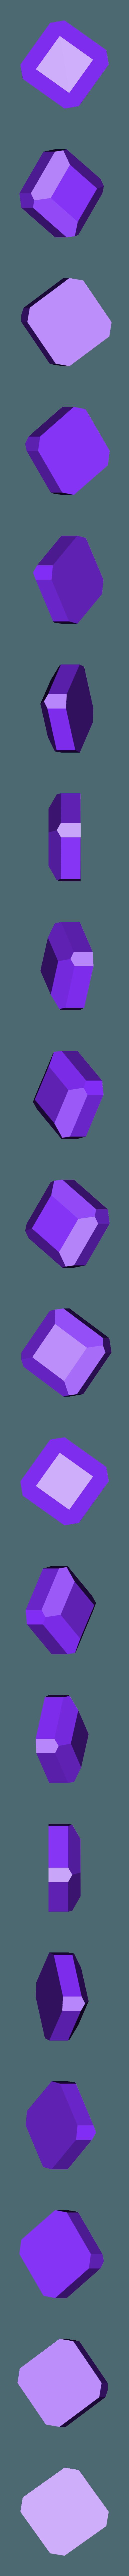 Rectangle_gem_stone_x6.stl Télécharger fichier STL gratuit Collier de juge Q • Objet à imprimer en 3D, poblocki1982